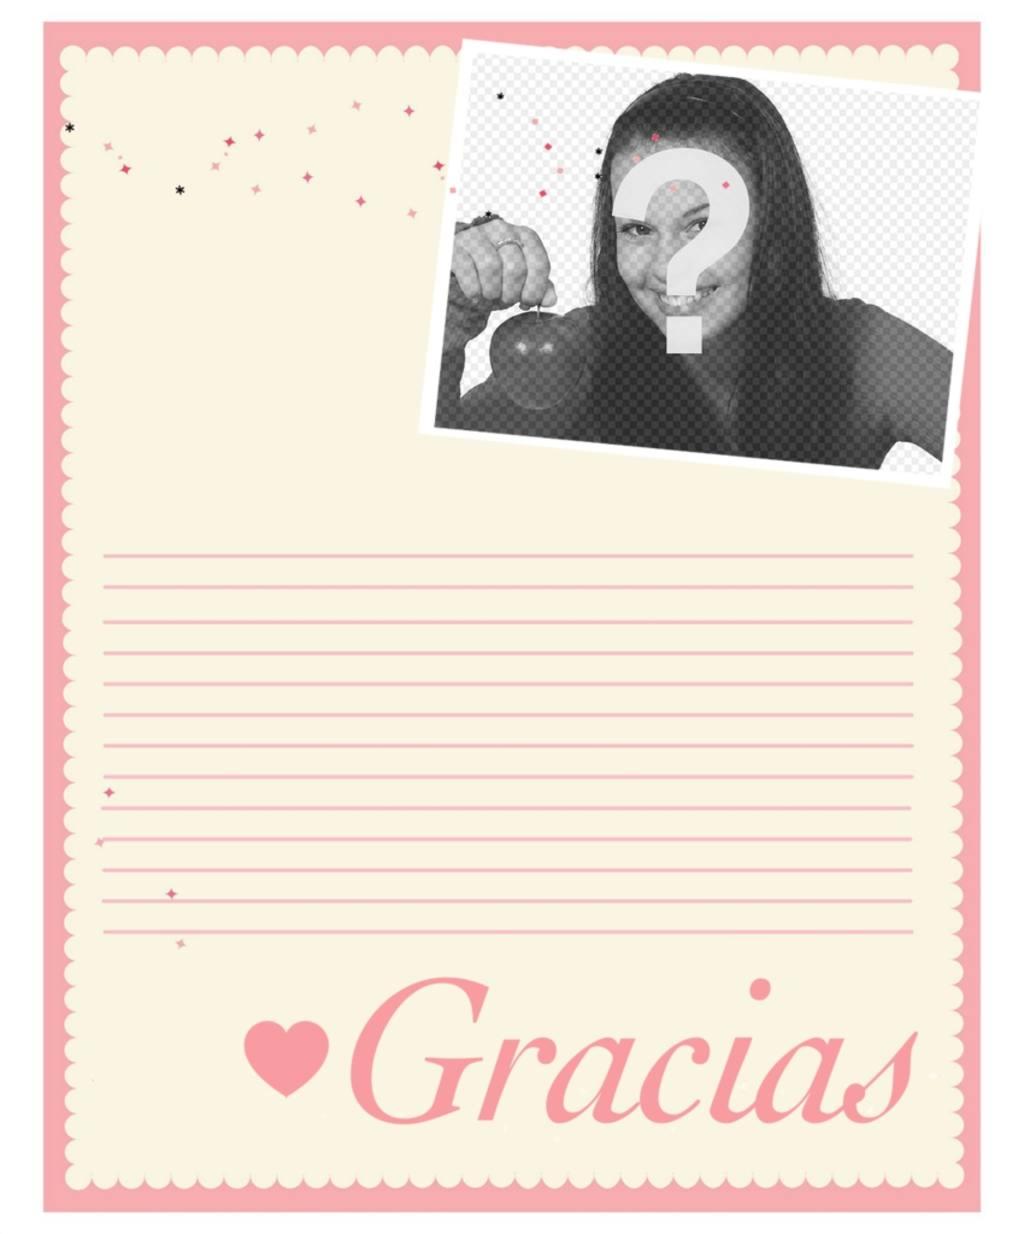 carta agradecimiento editar anadir foto online